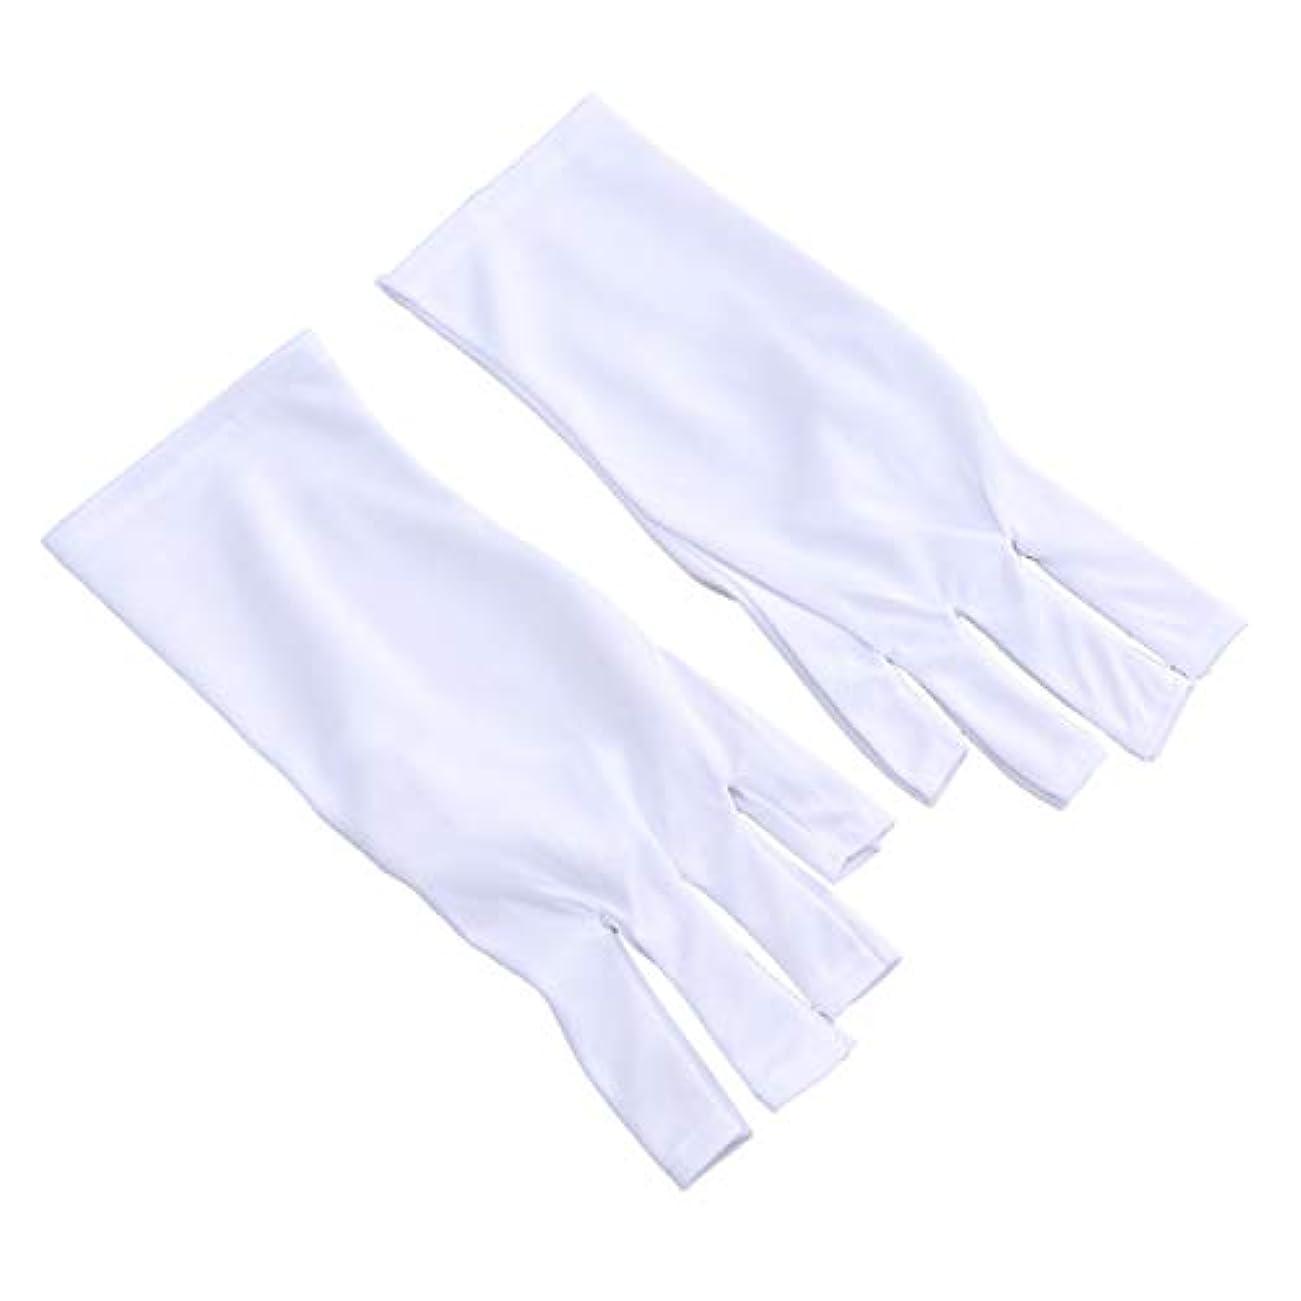 経験的安定ひまわりFrcolor 抗uv手袋 ネイル 手袋 ネイルアート グローブ ジェルネイル用 紫外線防止 マニキュアドライヤーツール 2ペア(25cm ショートホワイトUVグローブ)